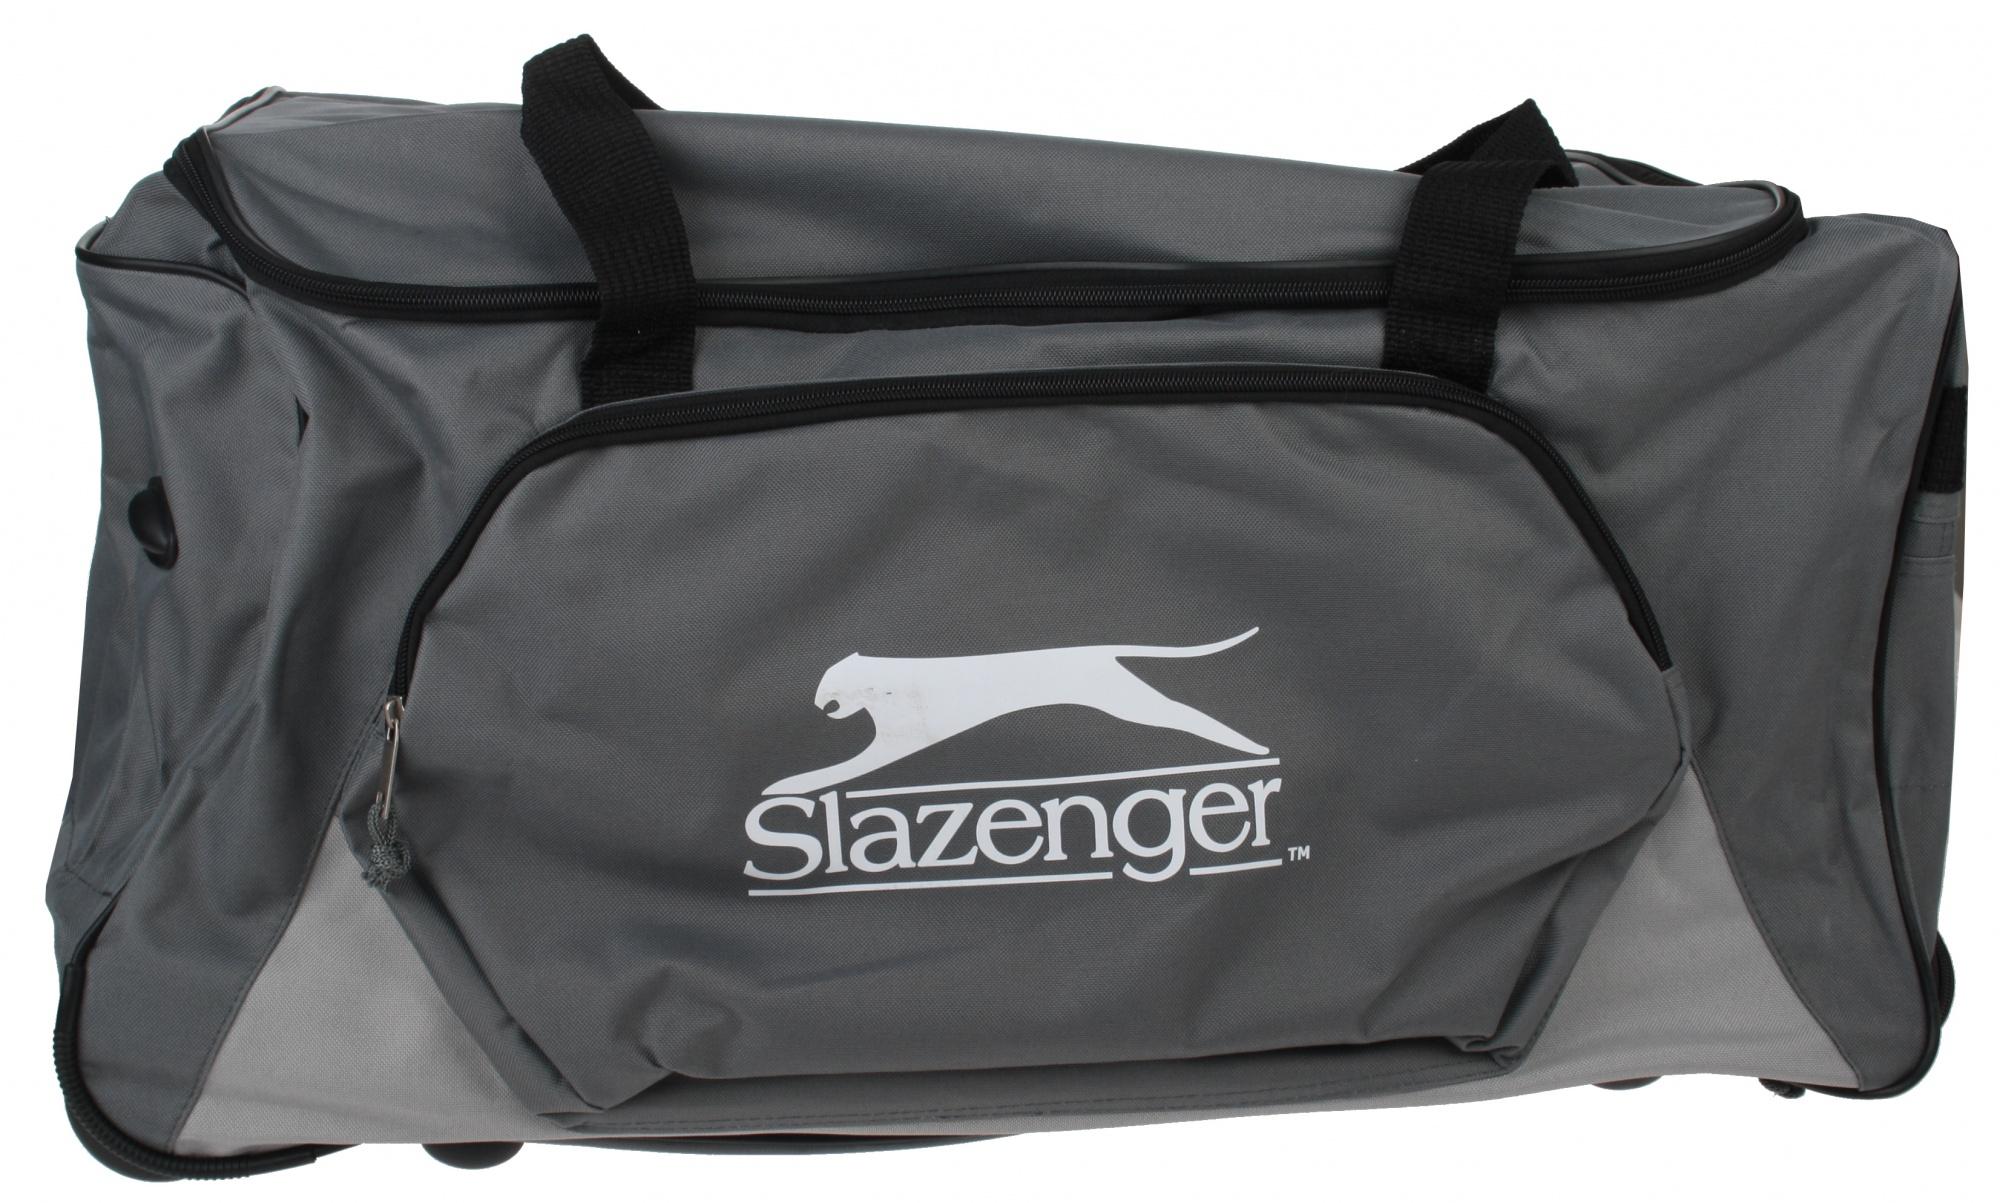 ec33049c8c Negozio di sconti online,Slazenger Bag Medium